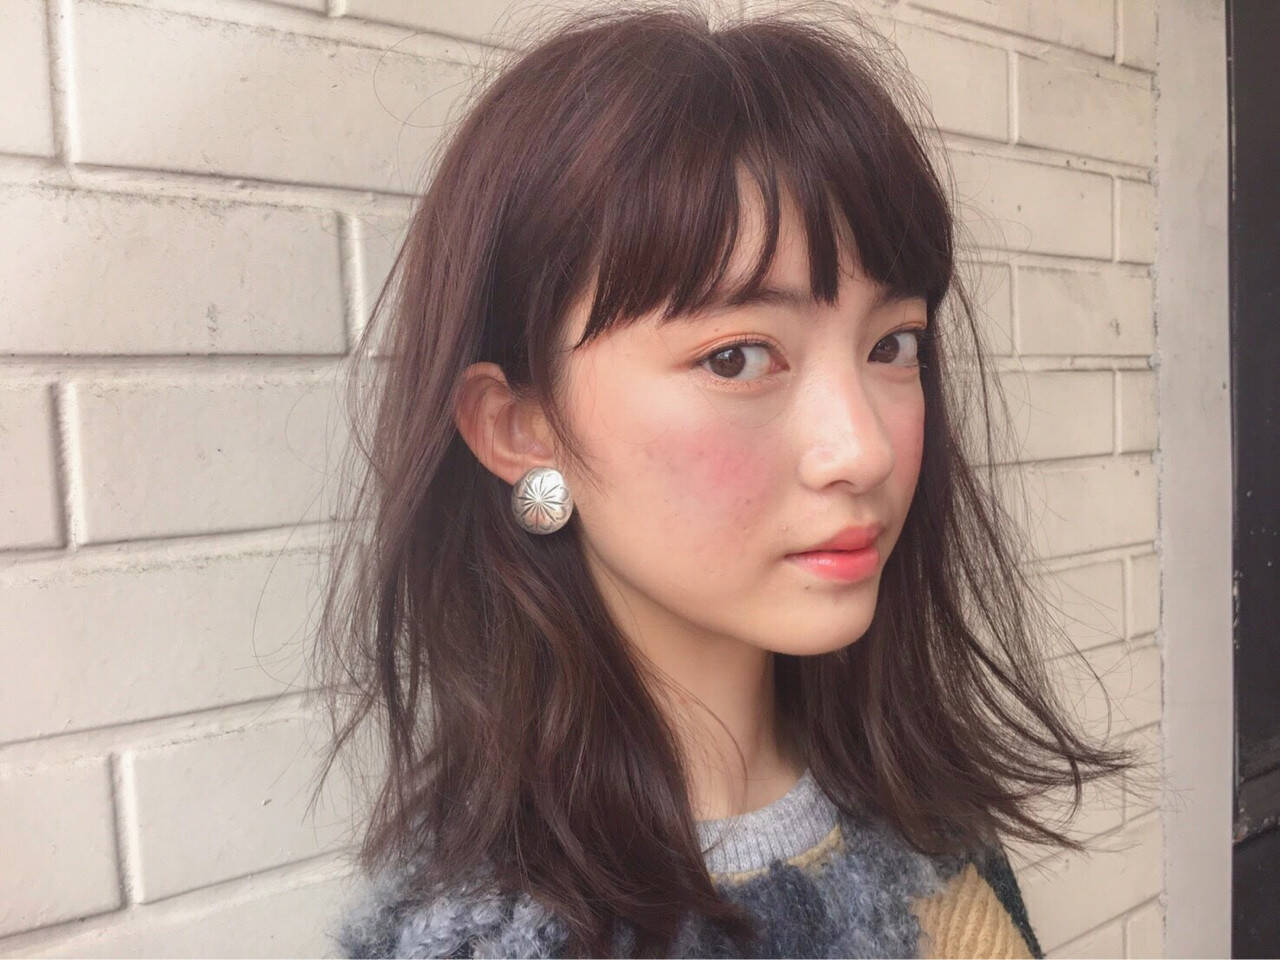 パーマ インナーカラー ミディアム モードヘアスタイルや髪型の写真・画像